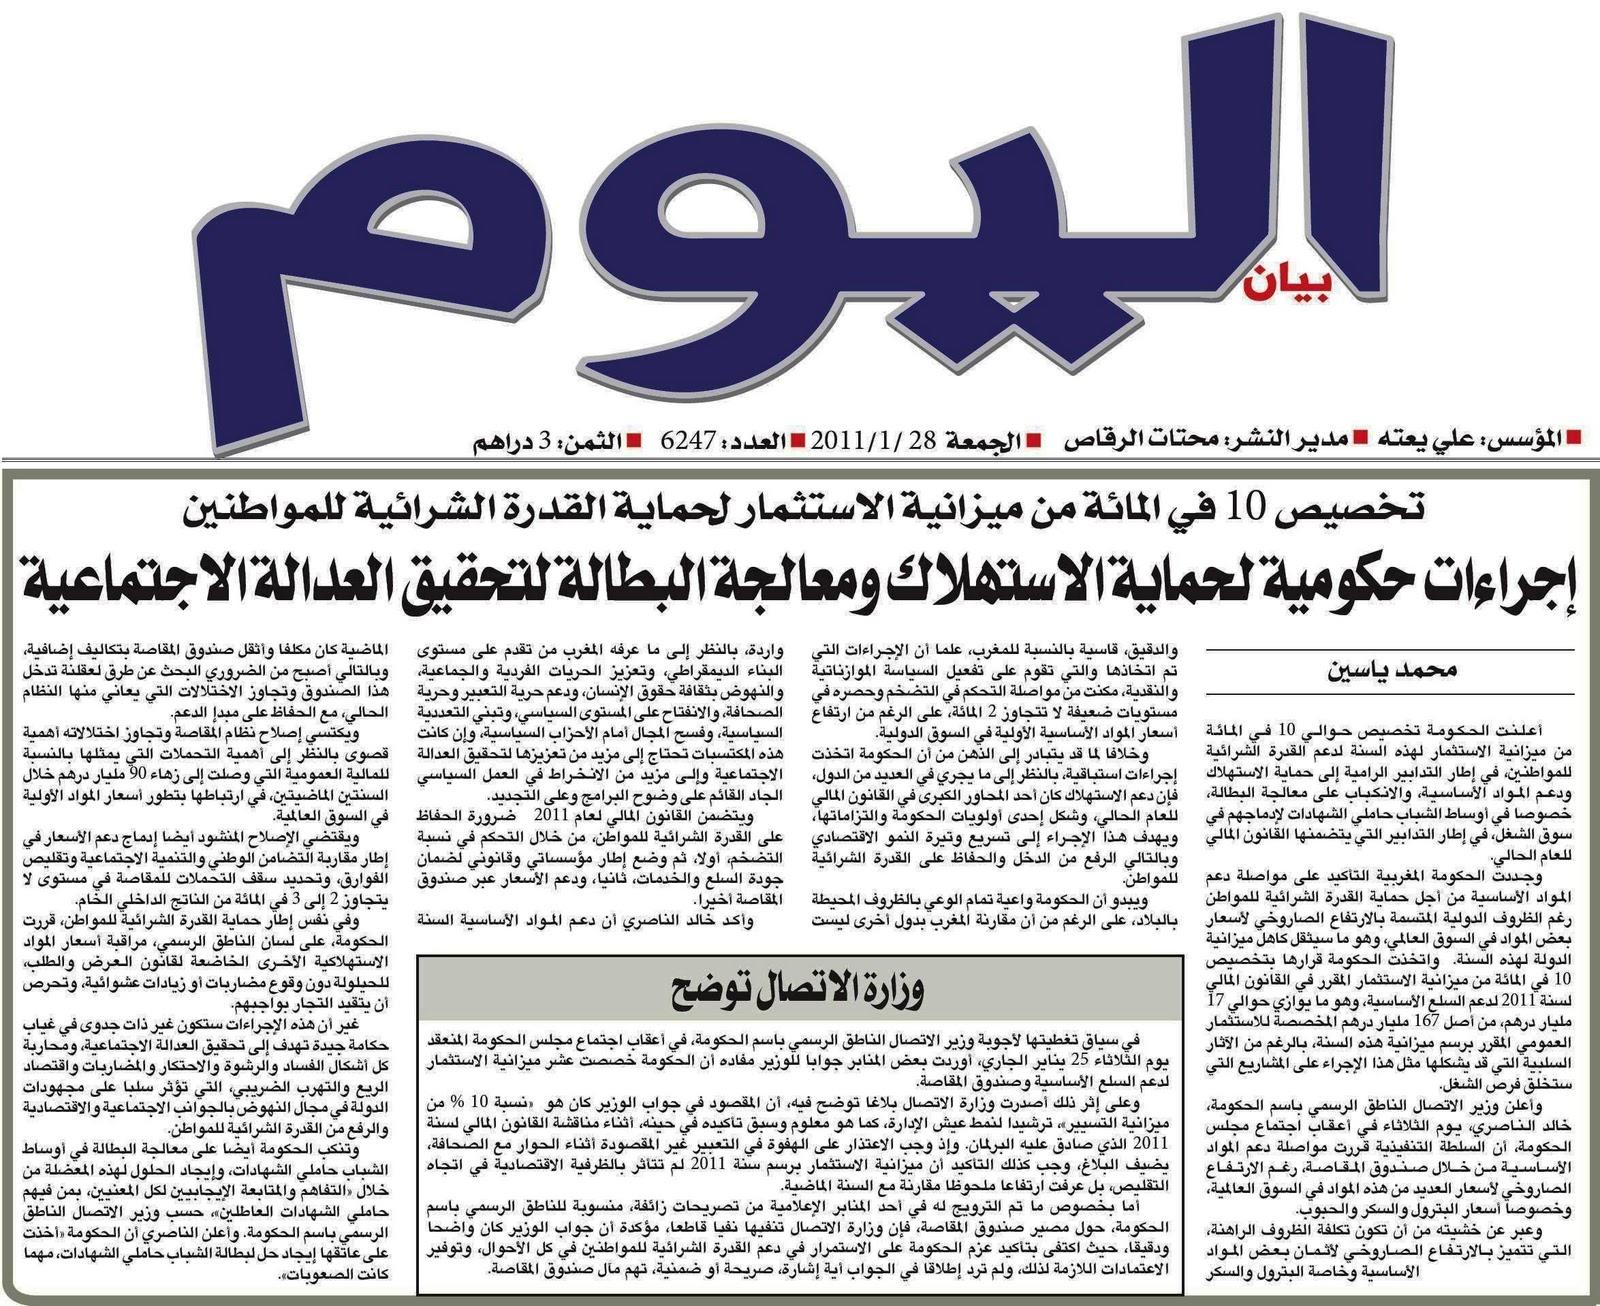 مجموعة العزيمة للإطر العليا المعطلة - البوابة Bayan+alyam